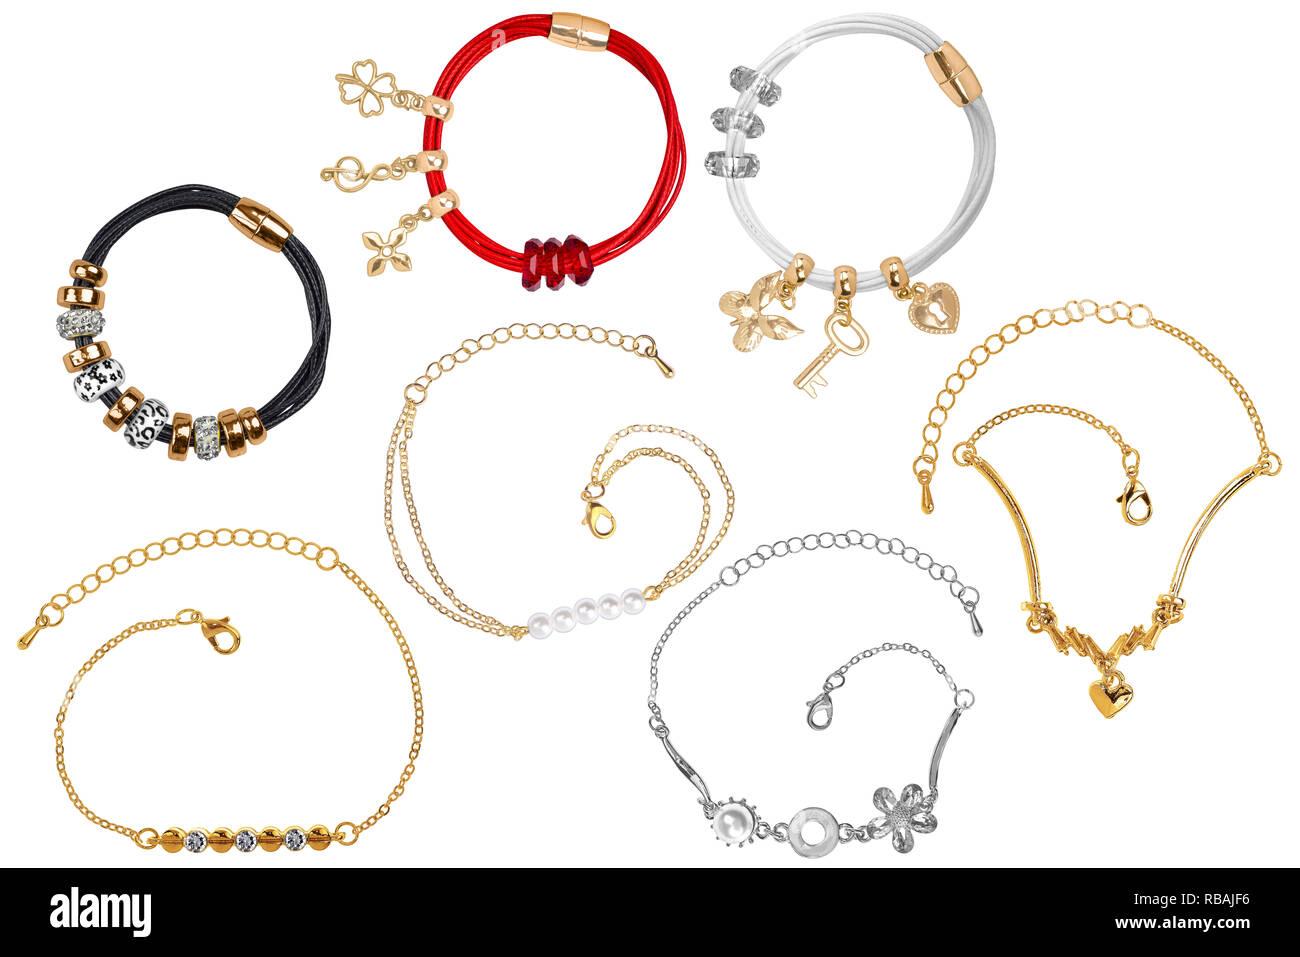 5a1cff4b376a Joyas De Oro Y Piedras Preciosas Imágenes De Stock   Joyas De Oro Y ...